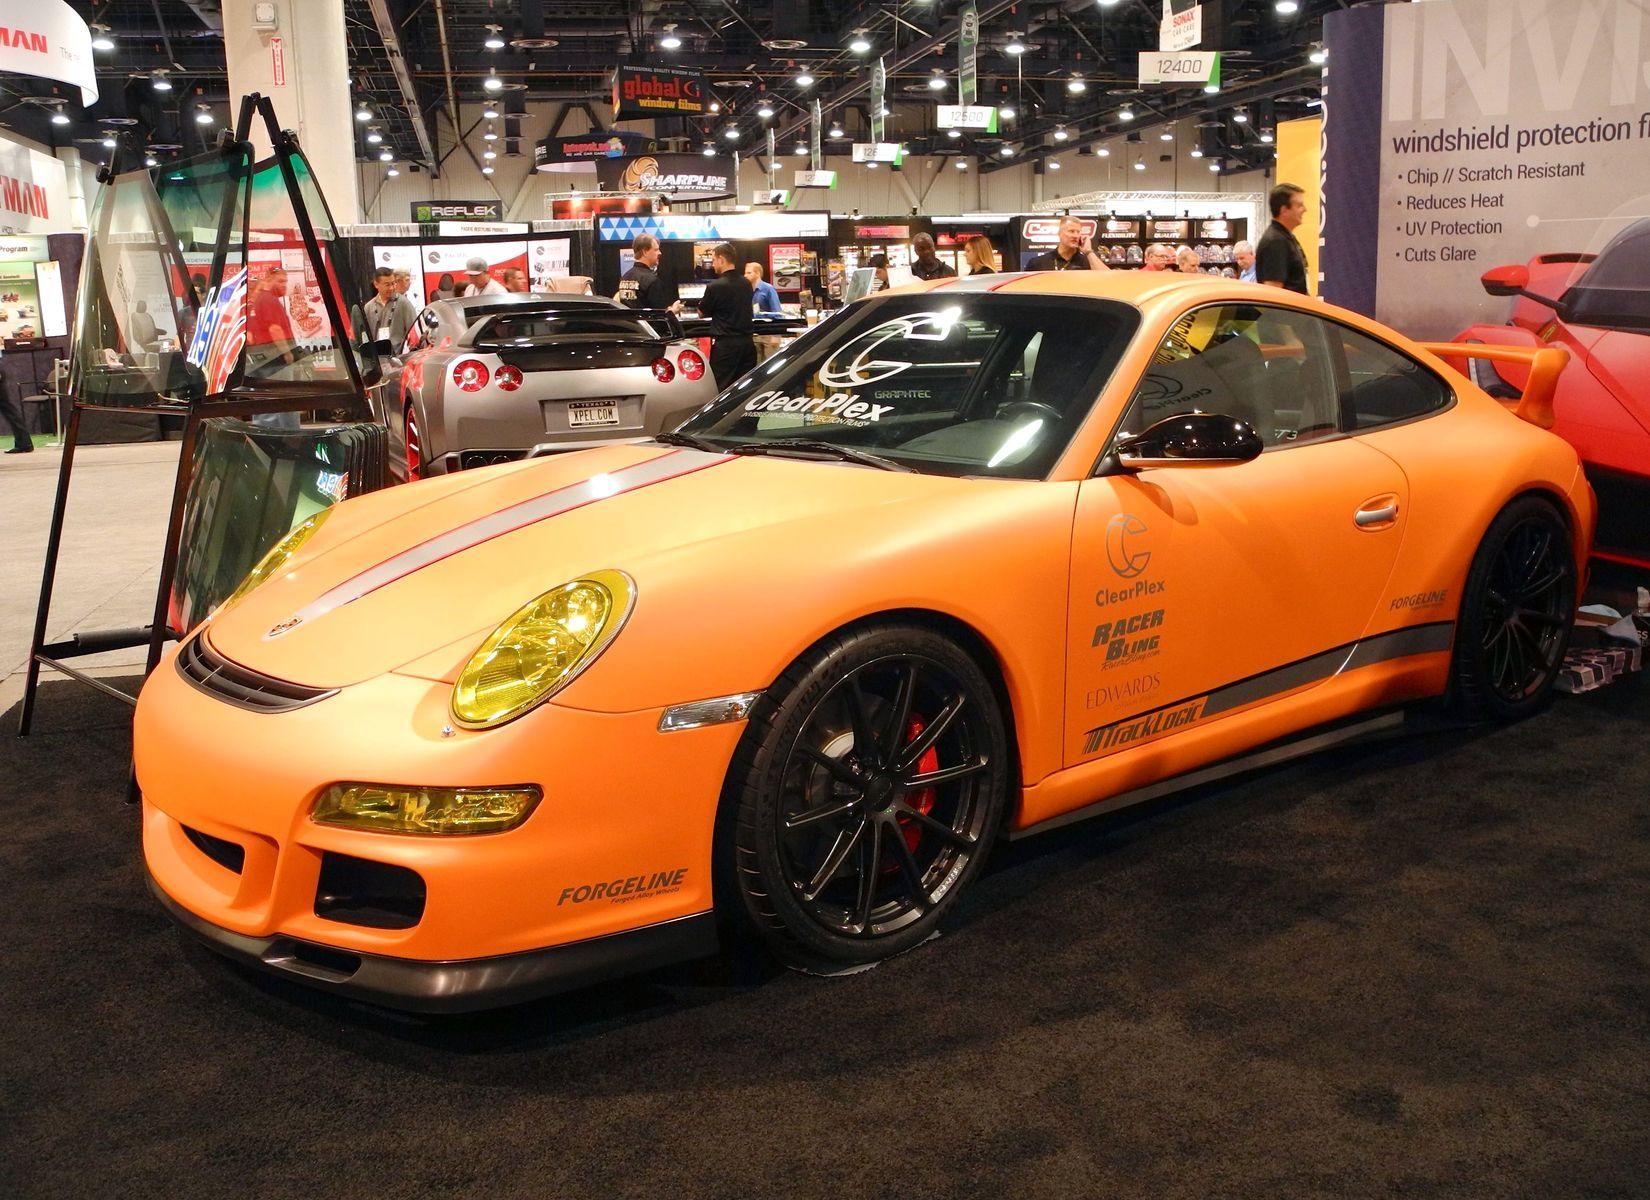 2012 Porsche 911 | TrackLogic Porsche GT3 on Forgeline One Piece Forged Monoblock GT1 5-Lug Wheels at the 2014 SEMA Show